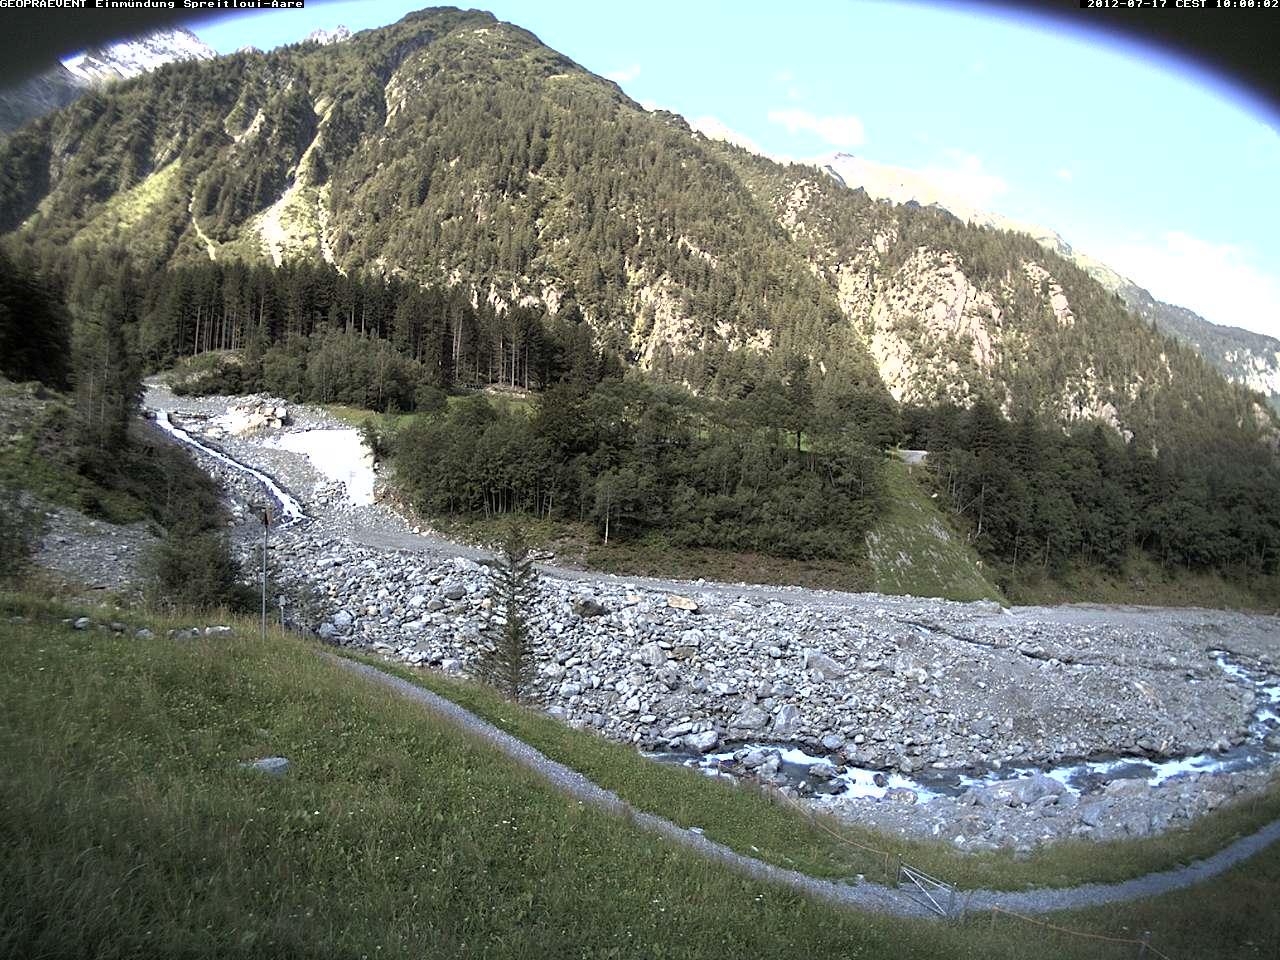 Webcam: Bilder von der Einmündung des Spreitgrabens in die Aare.